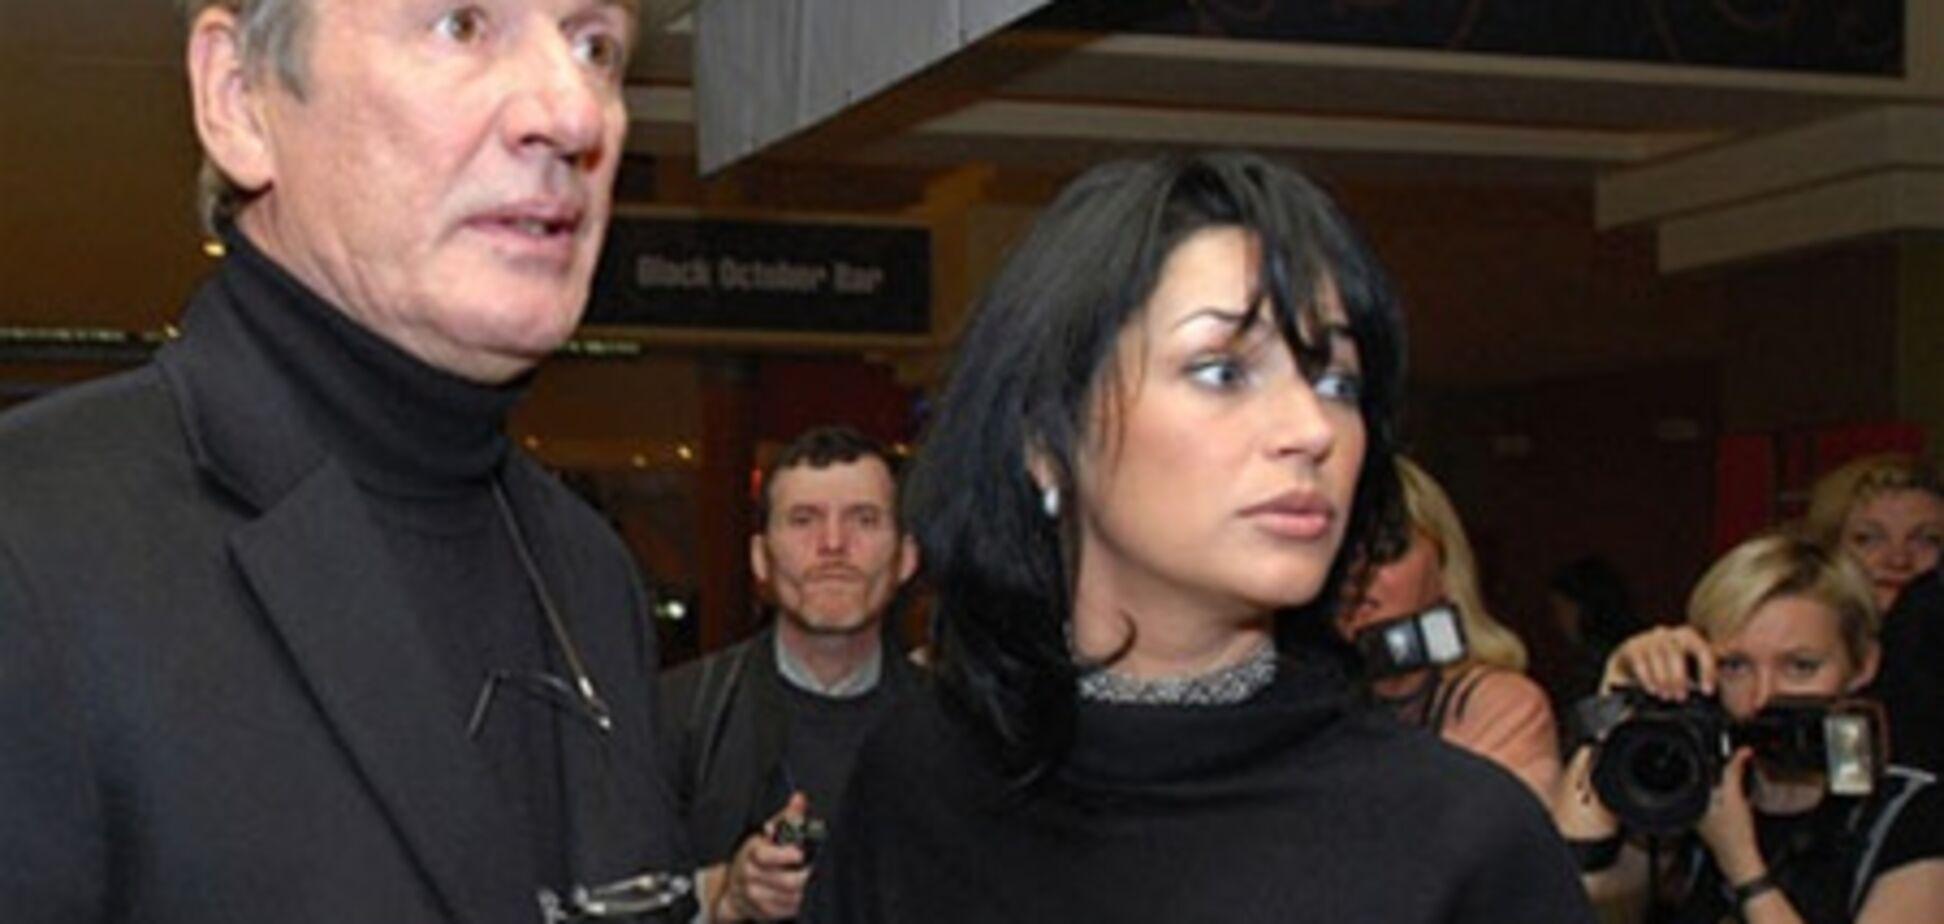 Вдова Абдулова дала первое публичное интервью после смерти мужа